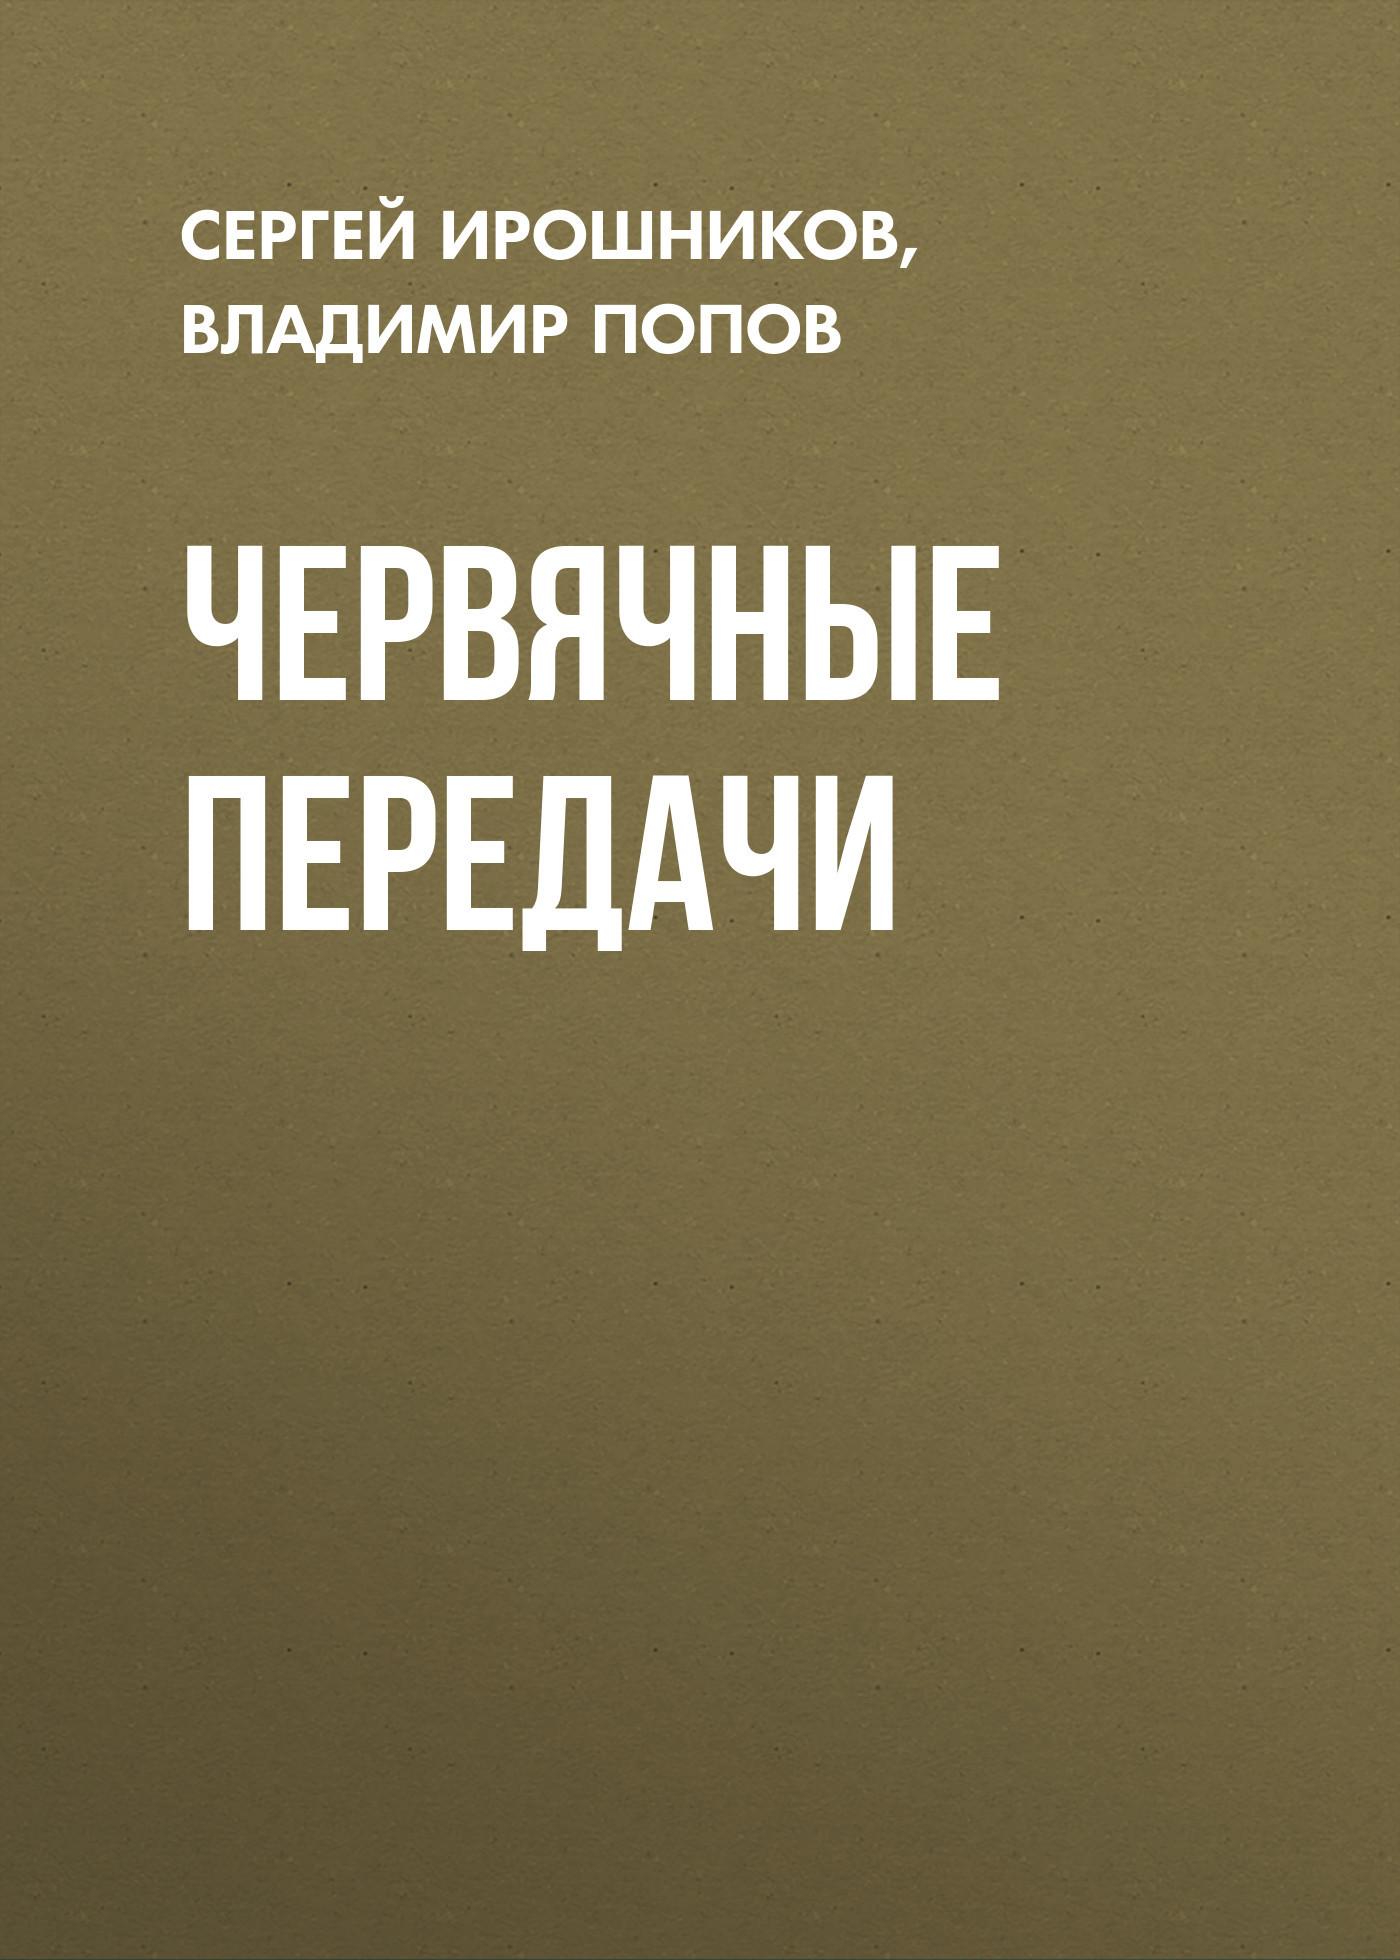 Сергей Ирошников бесплатно